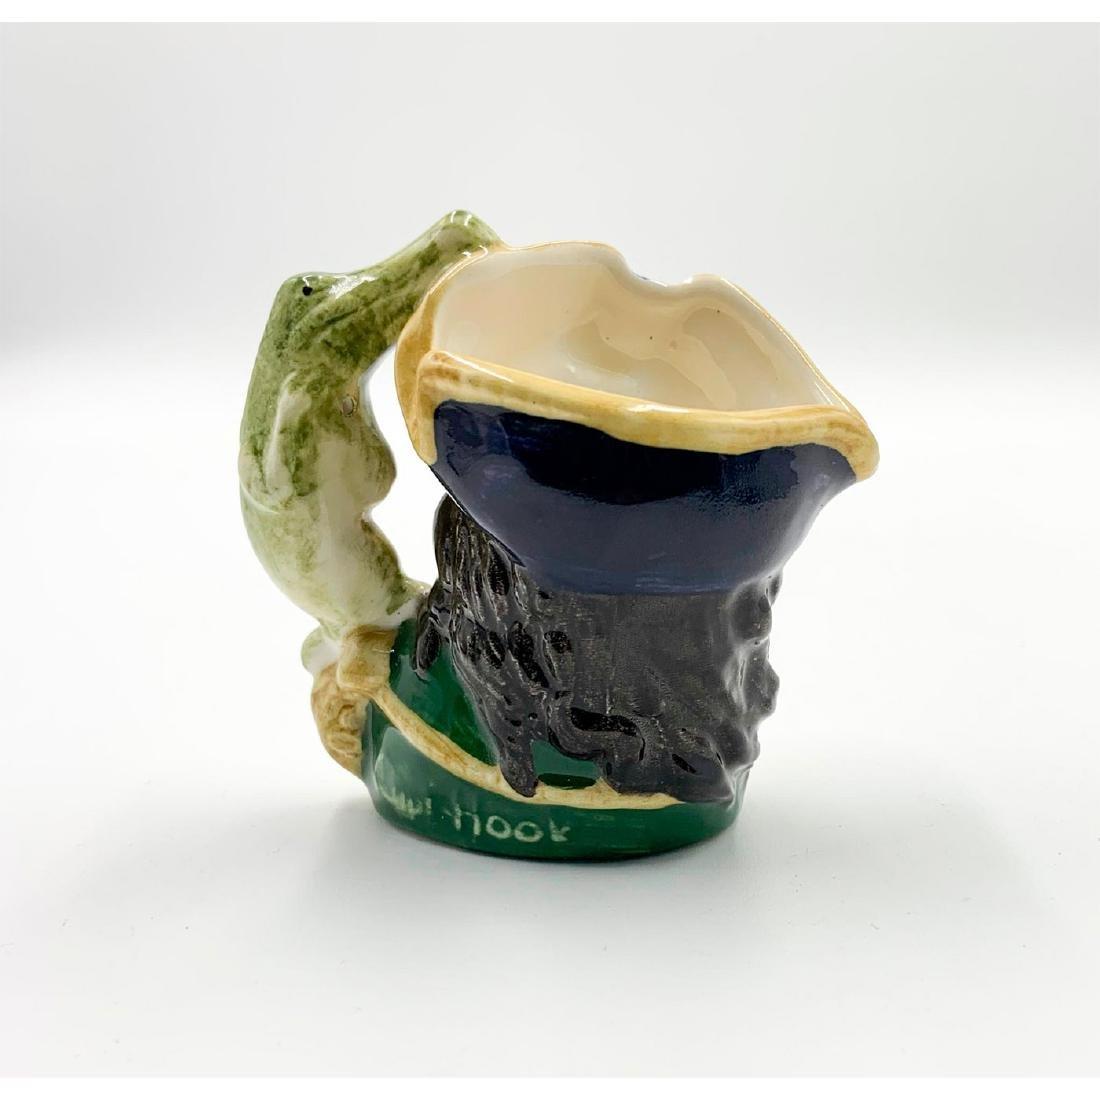 ROYAL DOULTON MINI CHARACTER JUG CAPT HOOK D6605 - 2